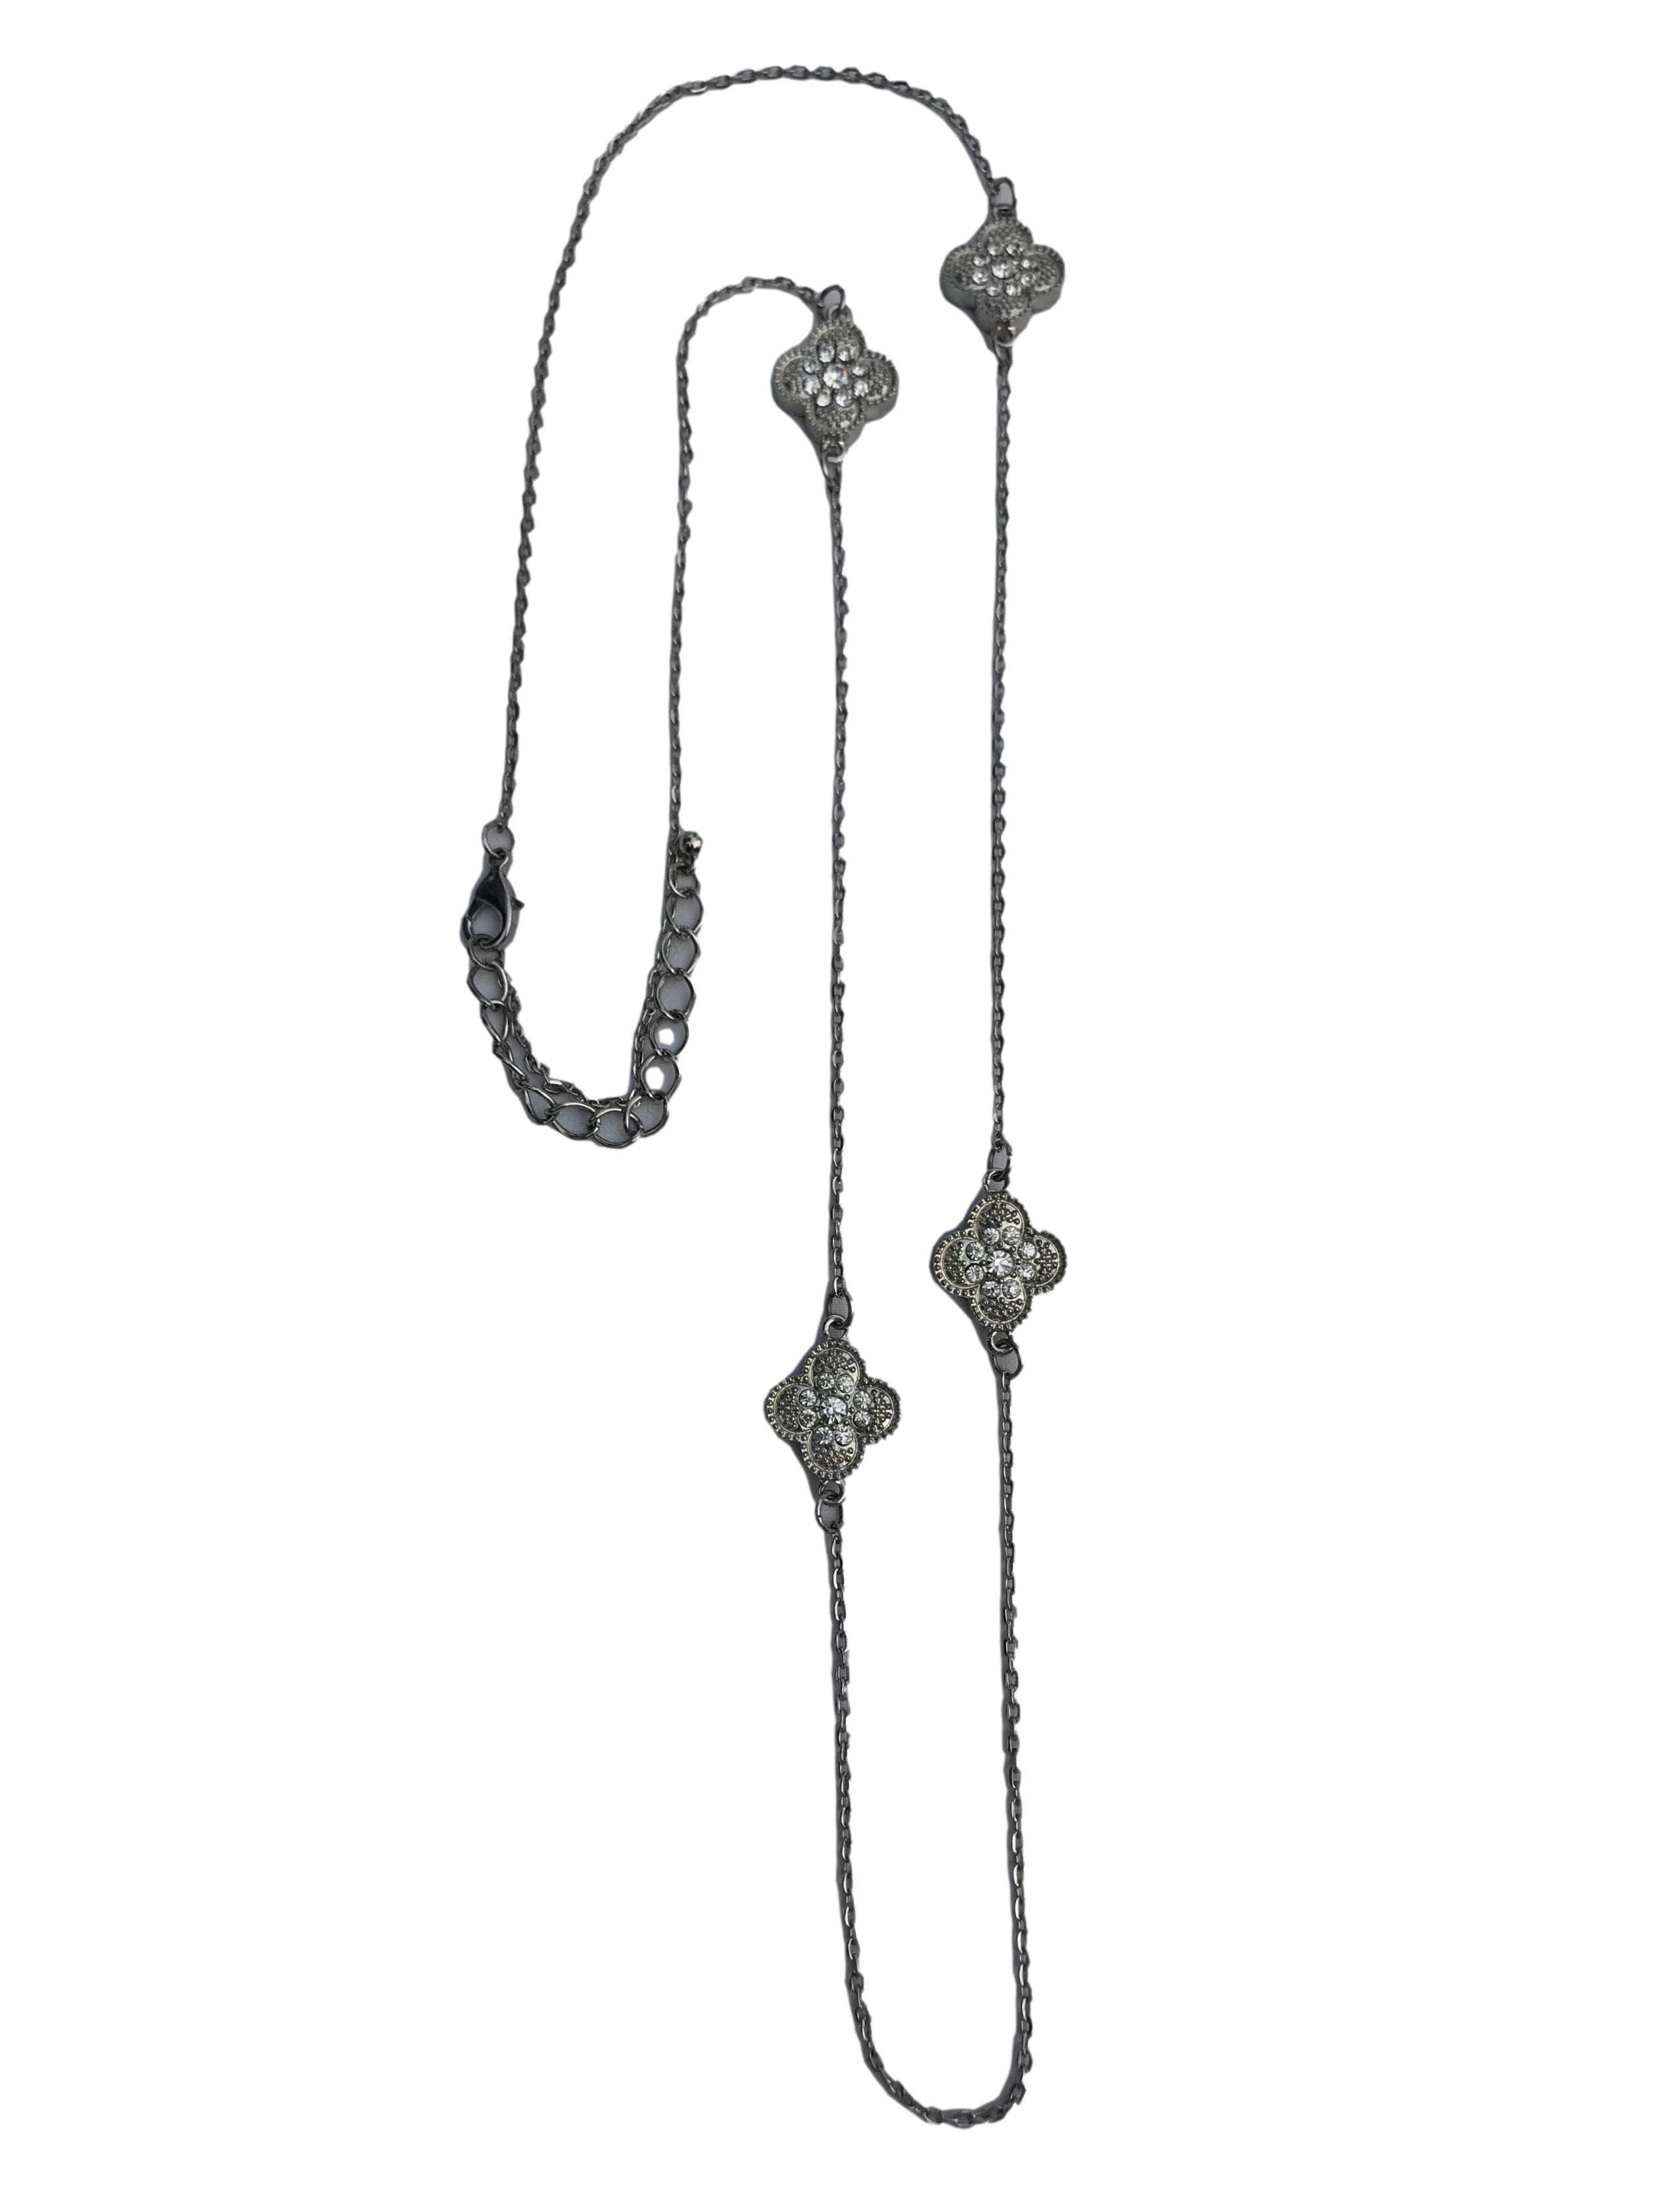 Collar cadena plateado con dijes flor e incrustaciones tipo diamante. Largo 90cm